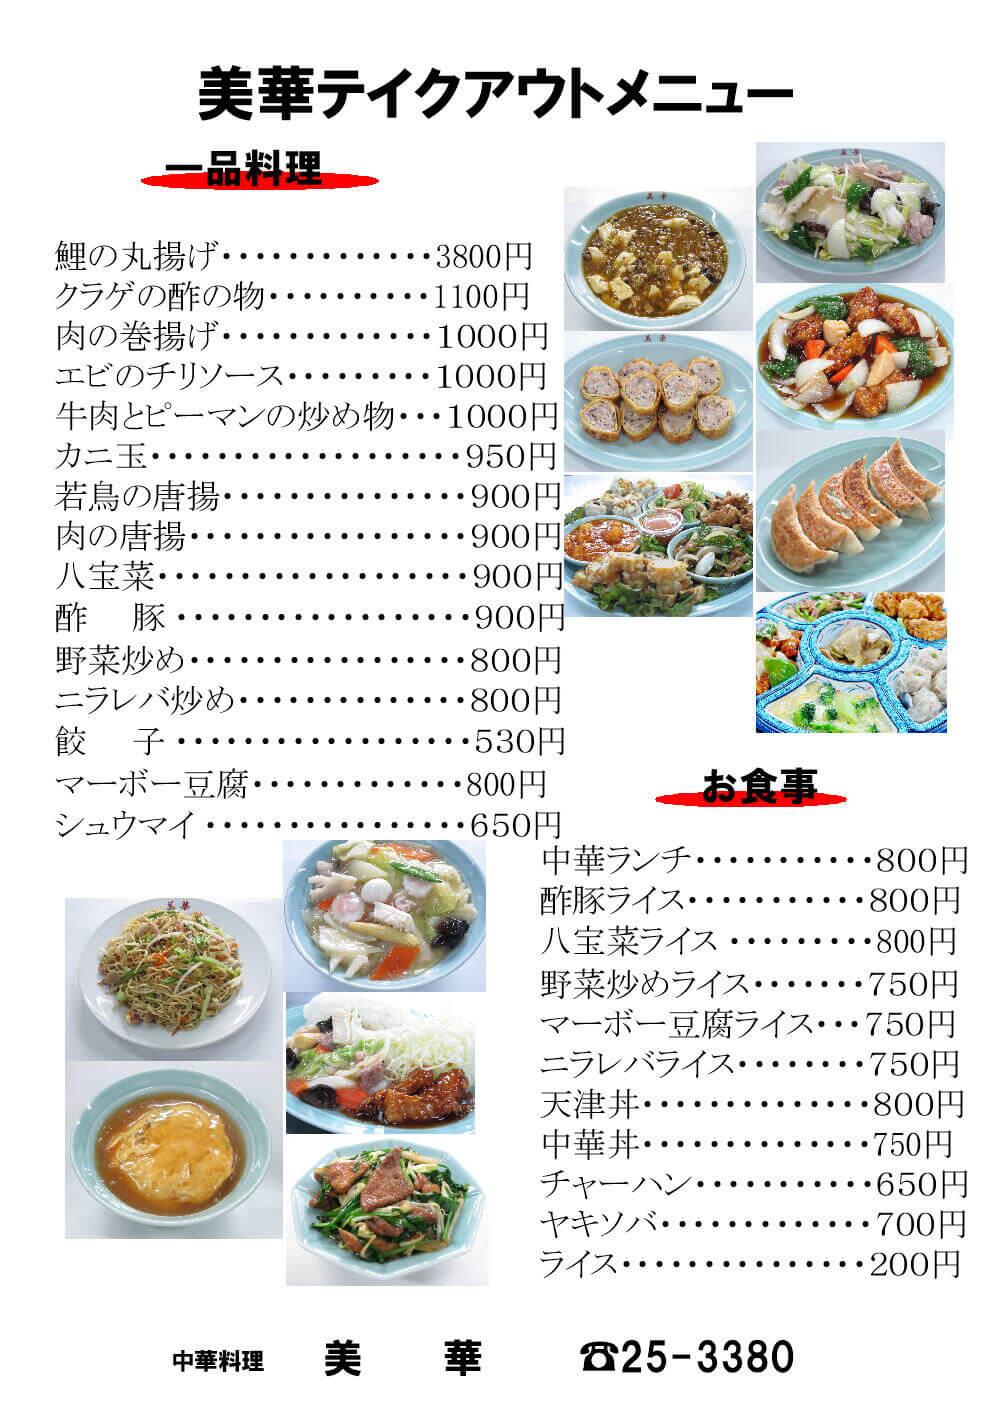 中華料理美華メニュー